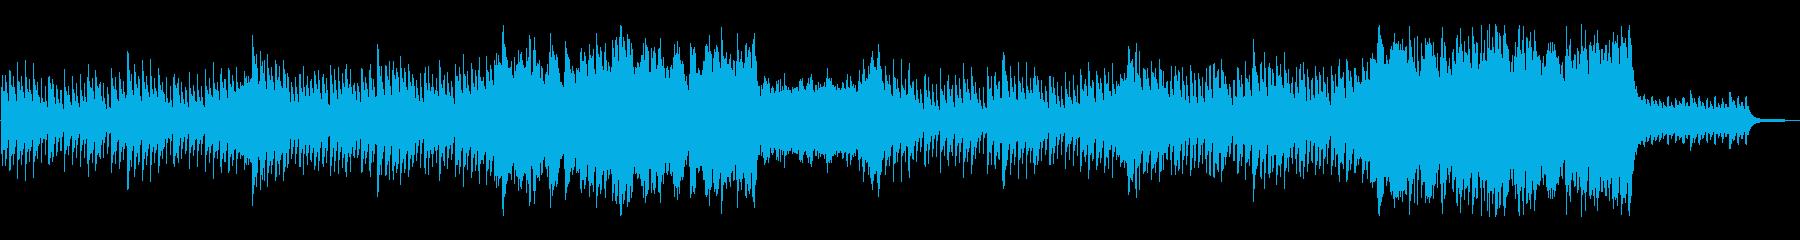 冬のオーケストラ!わくわく、キラキラの再生済みの波形